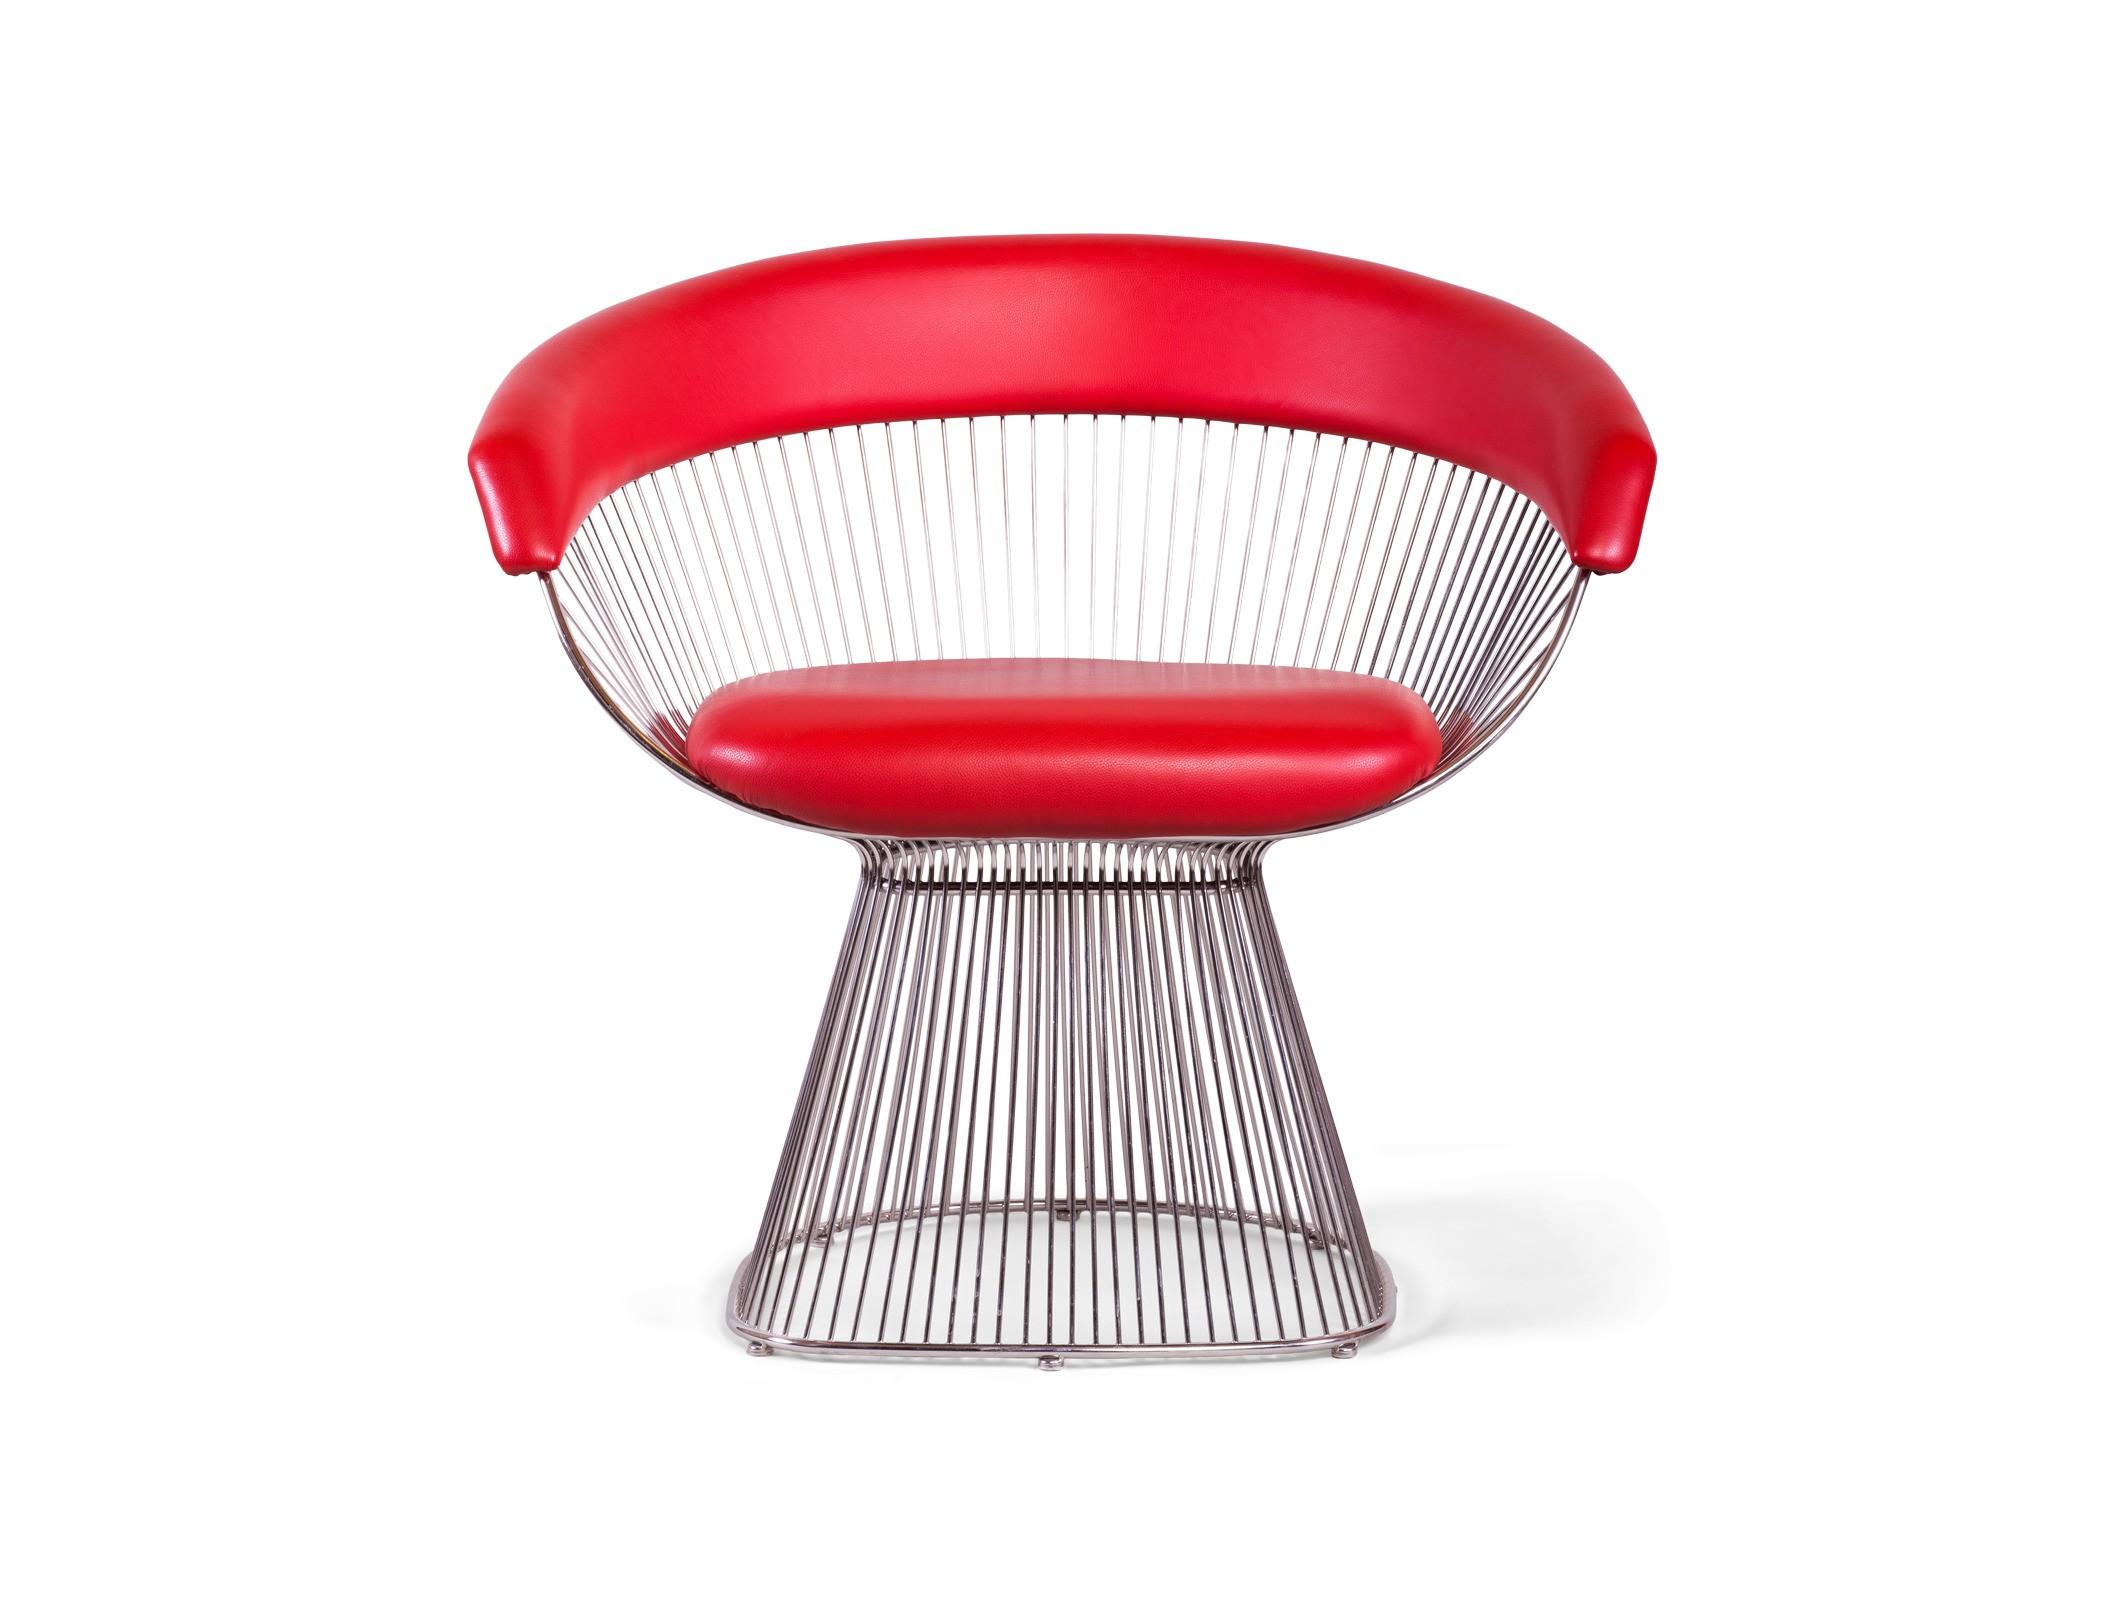 Кресло PlatnerИнтерьерные кресла<br><br><br>Material: Кожа<br>Ширина см: 85<br>Высота см: 76<br>Глубина см: 65